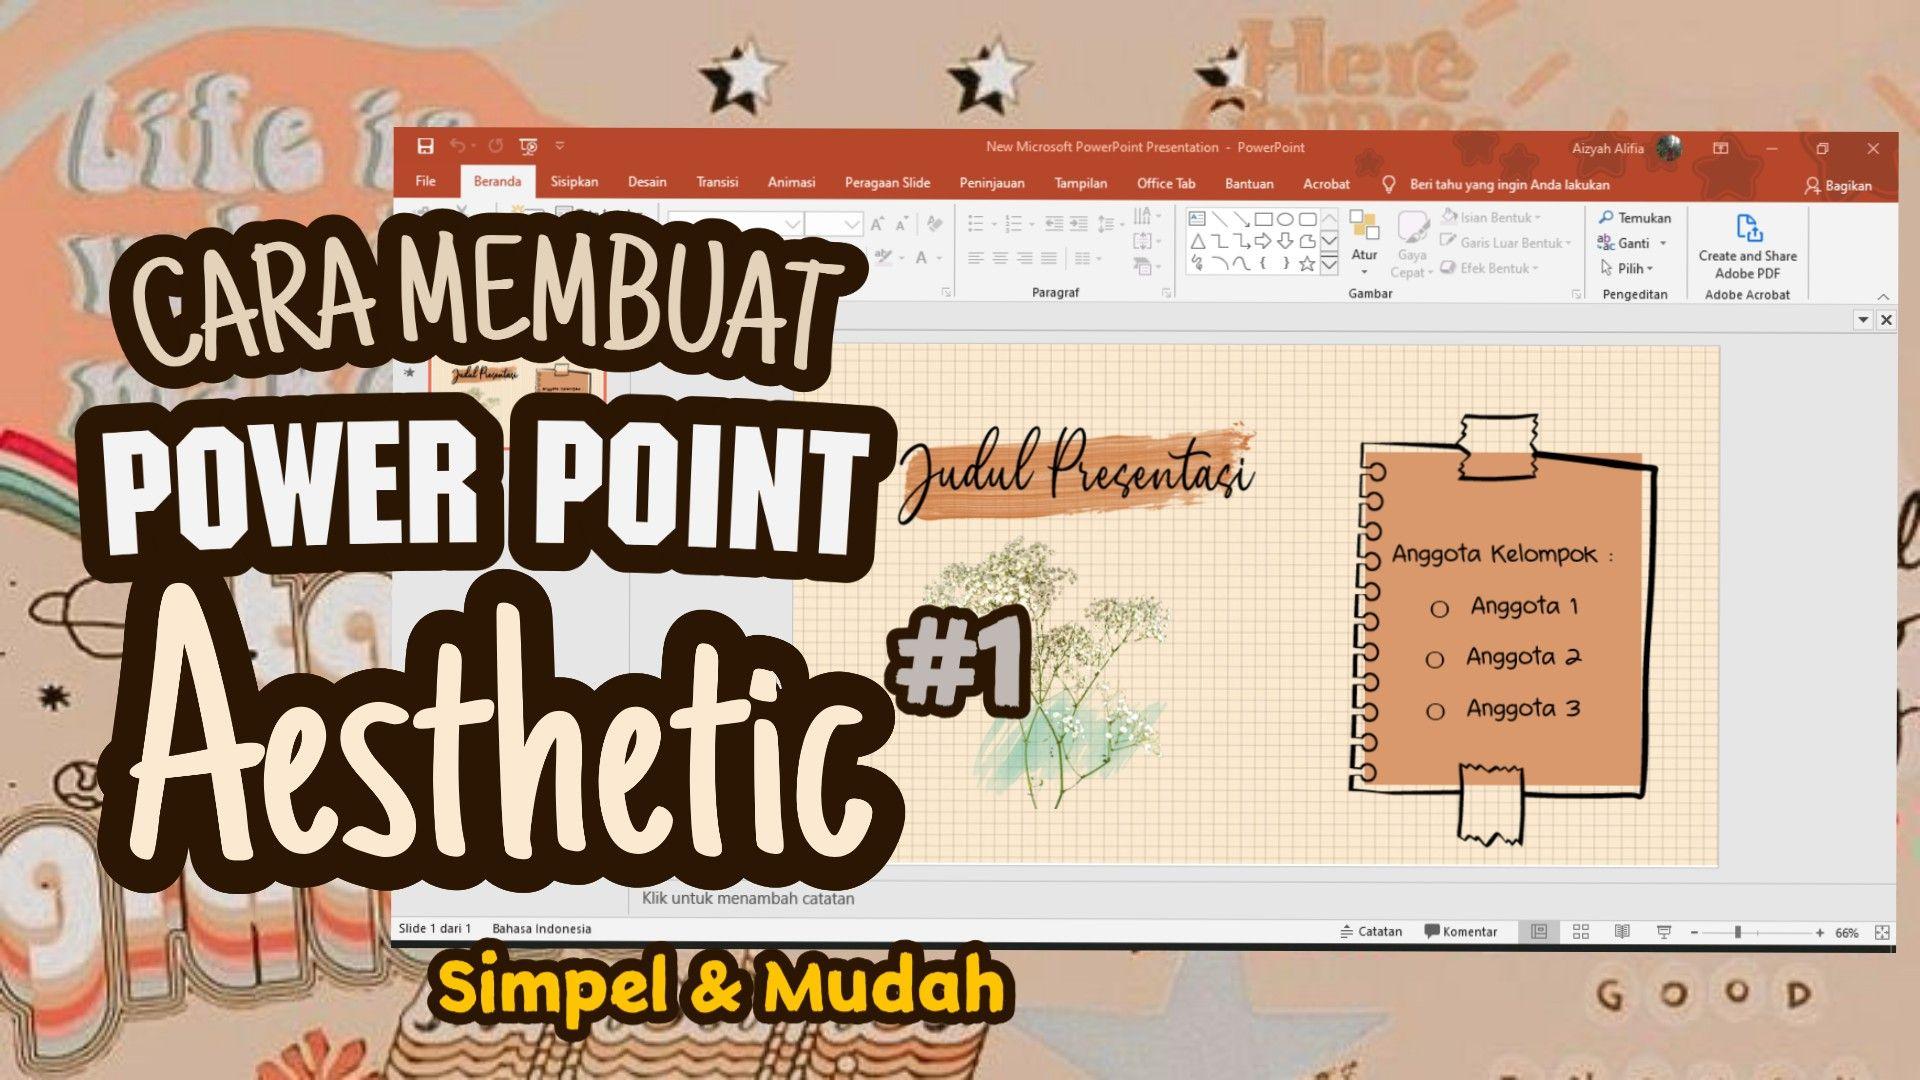 Cara Membuat Power Point Aesthetic 1 Simple Dan Mudah Presentasi Desain Pamflet Belajar